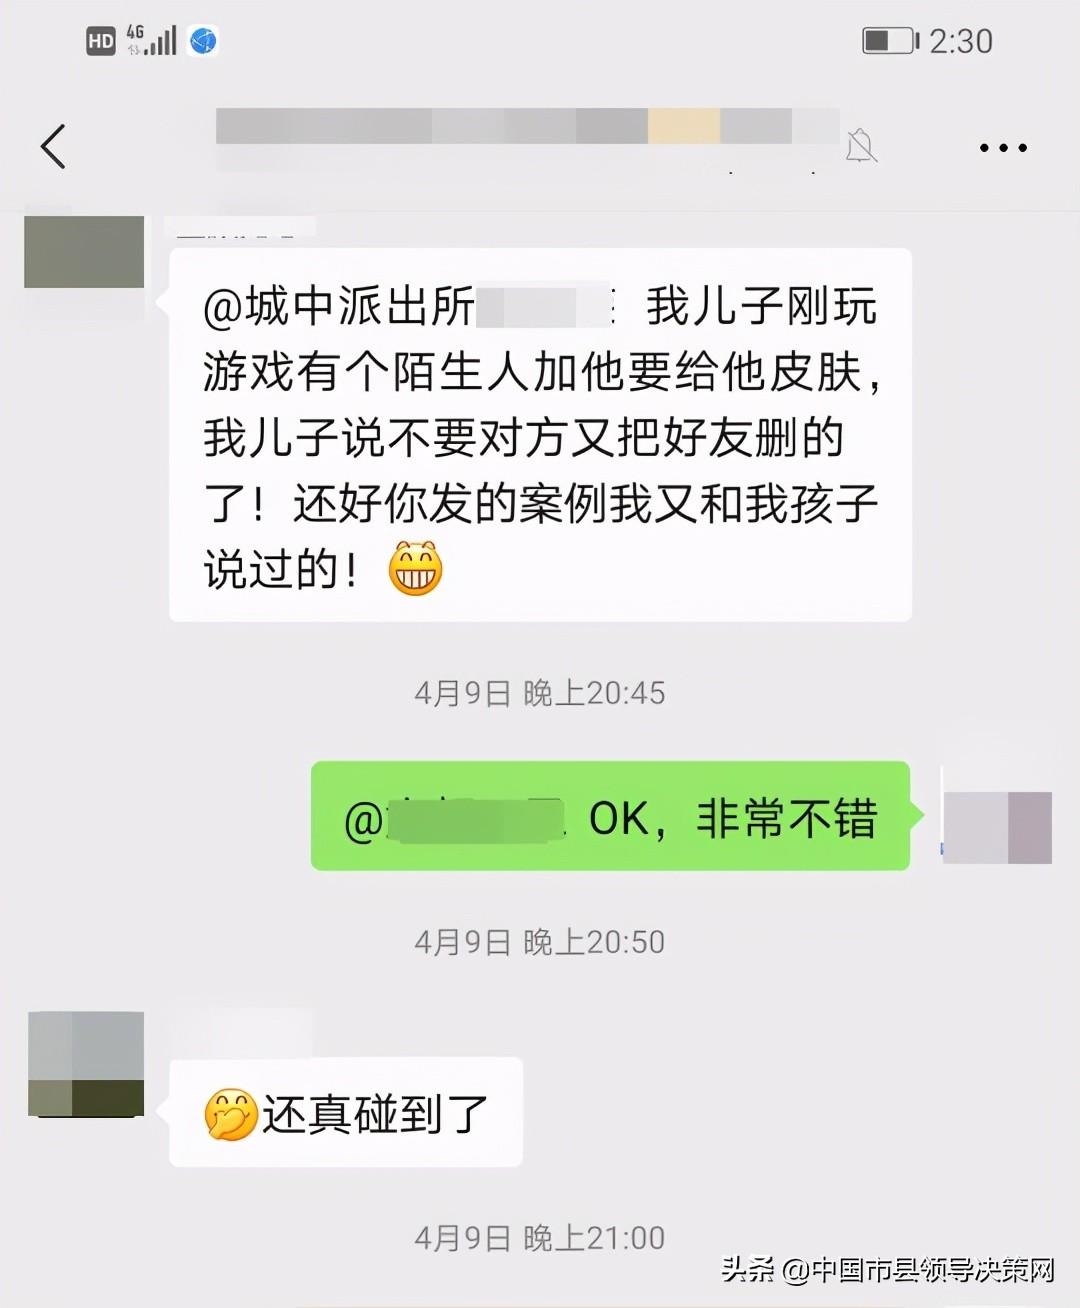 江苏射阳一母子防骗成功获社区民警红包奖励